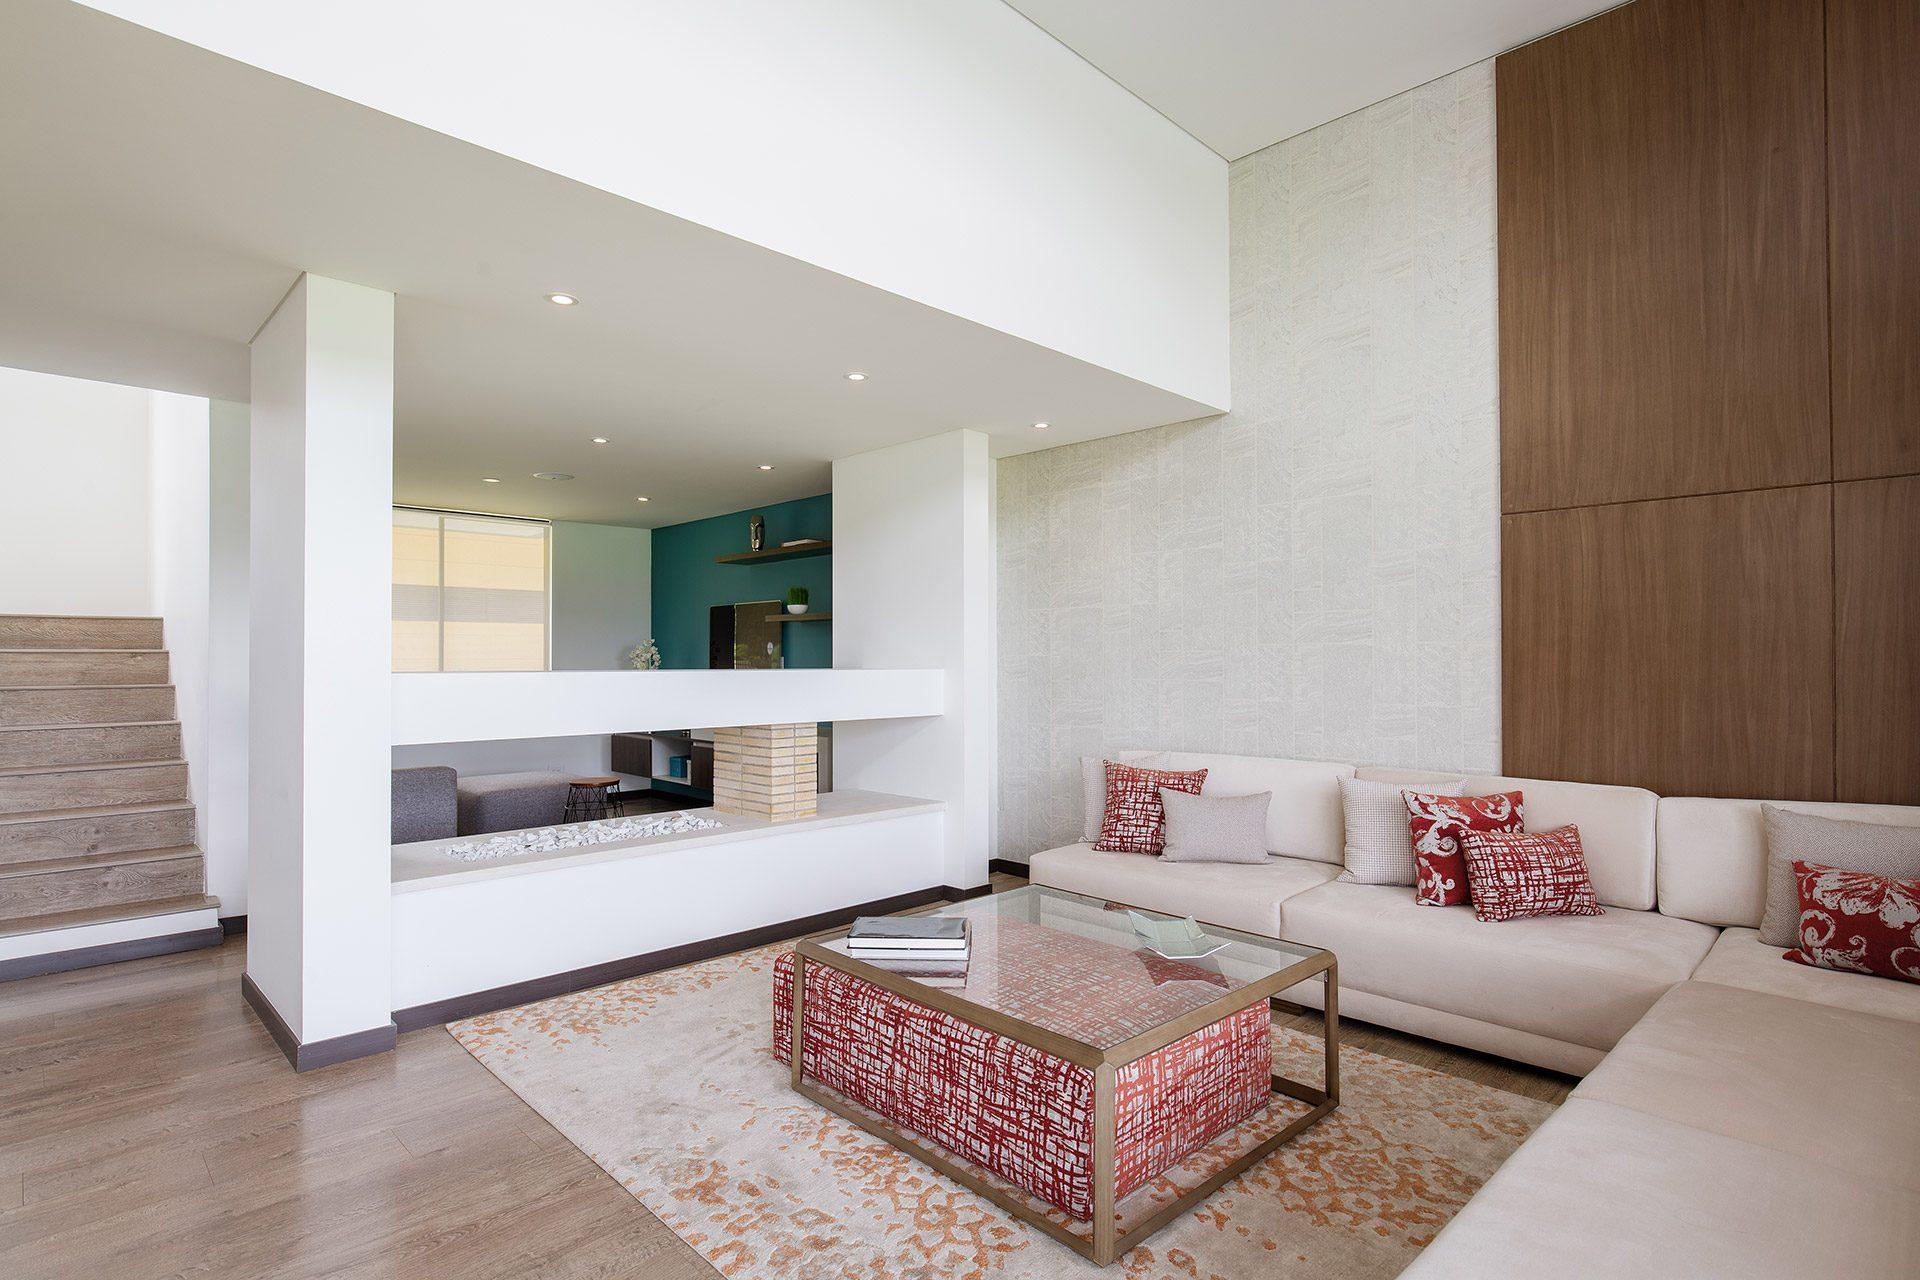 04-pablo-Moreno-arquitectura.simon.bosch.photography.bogota.colombia.interior